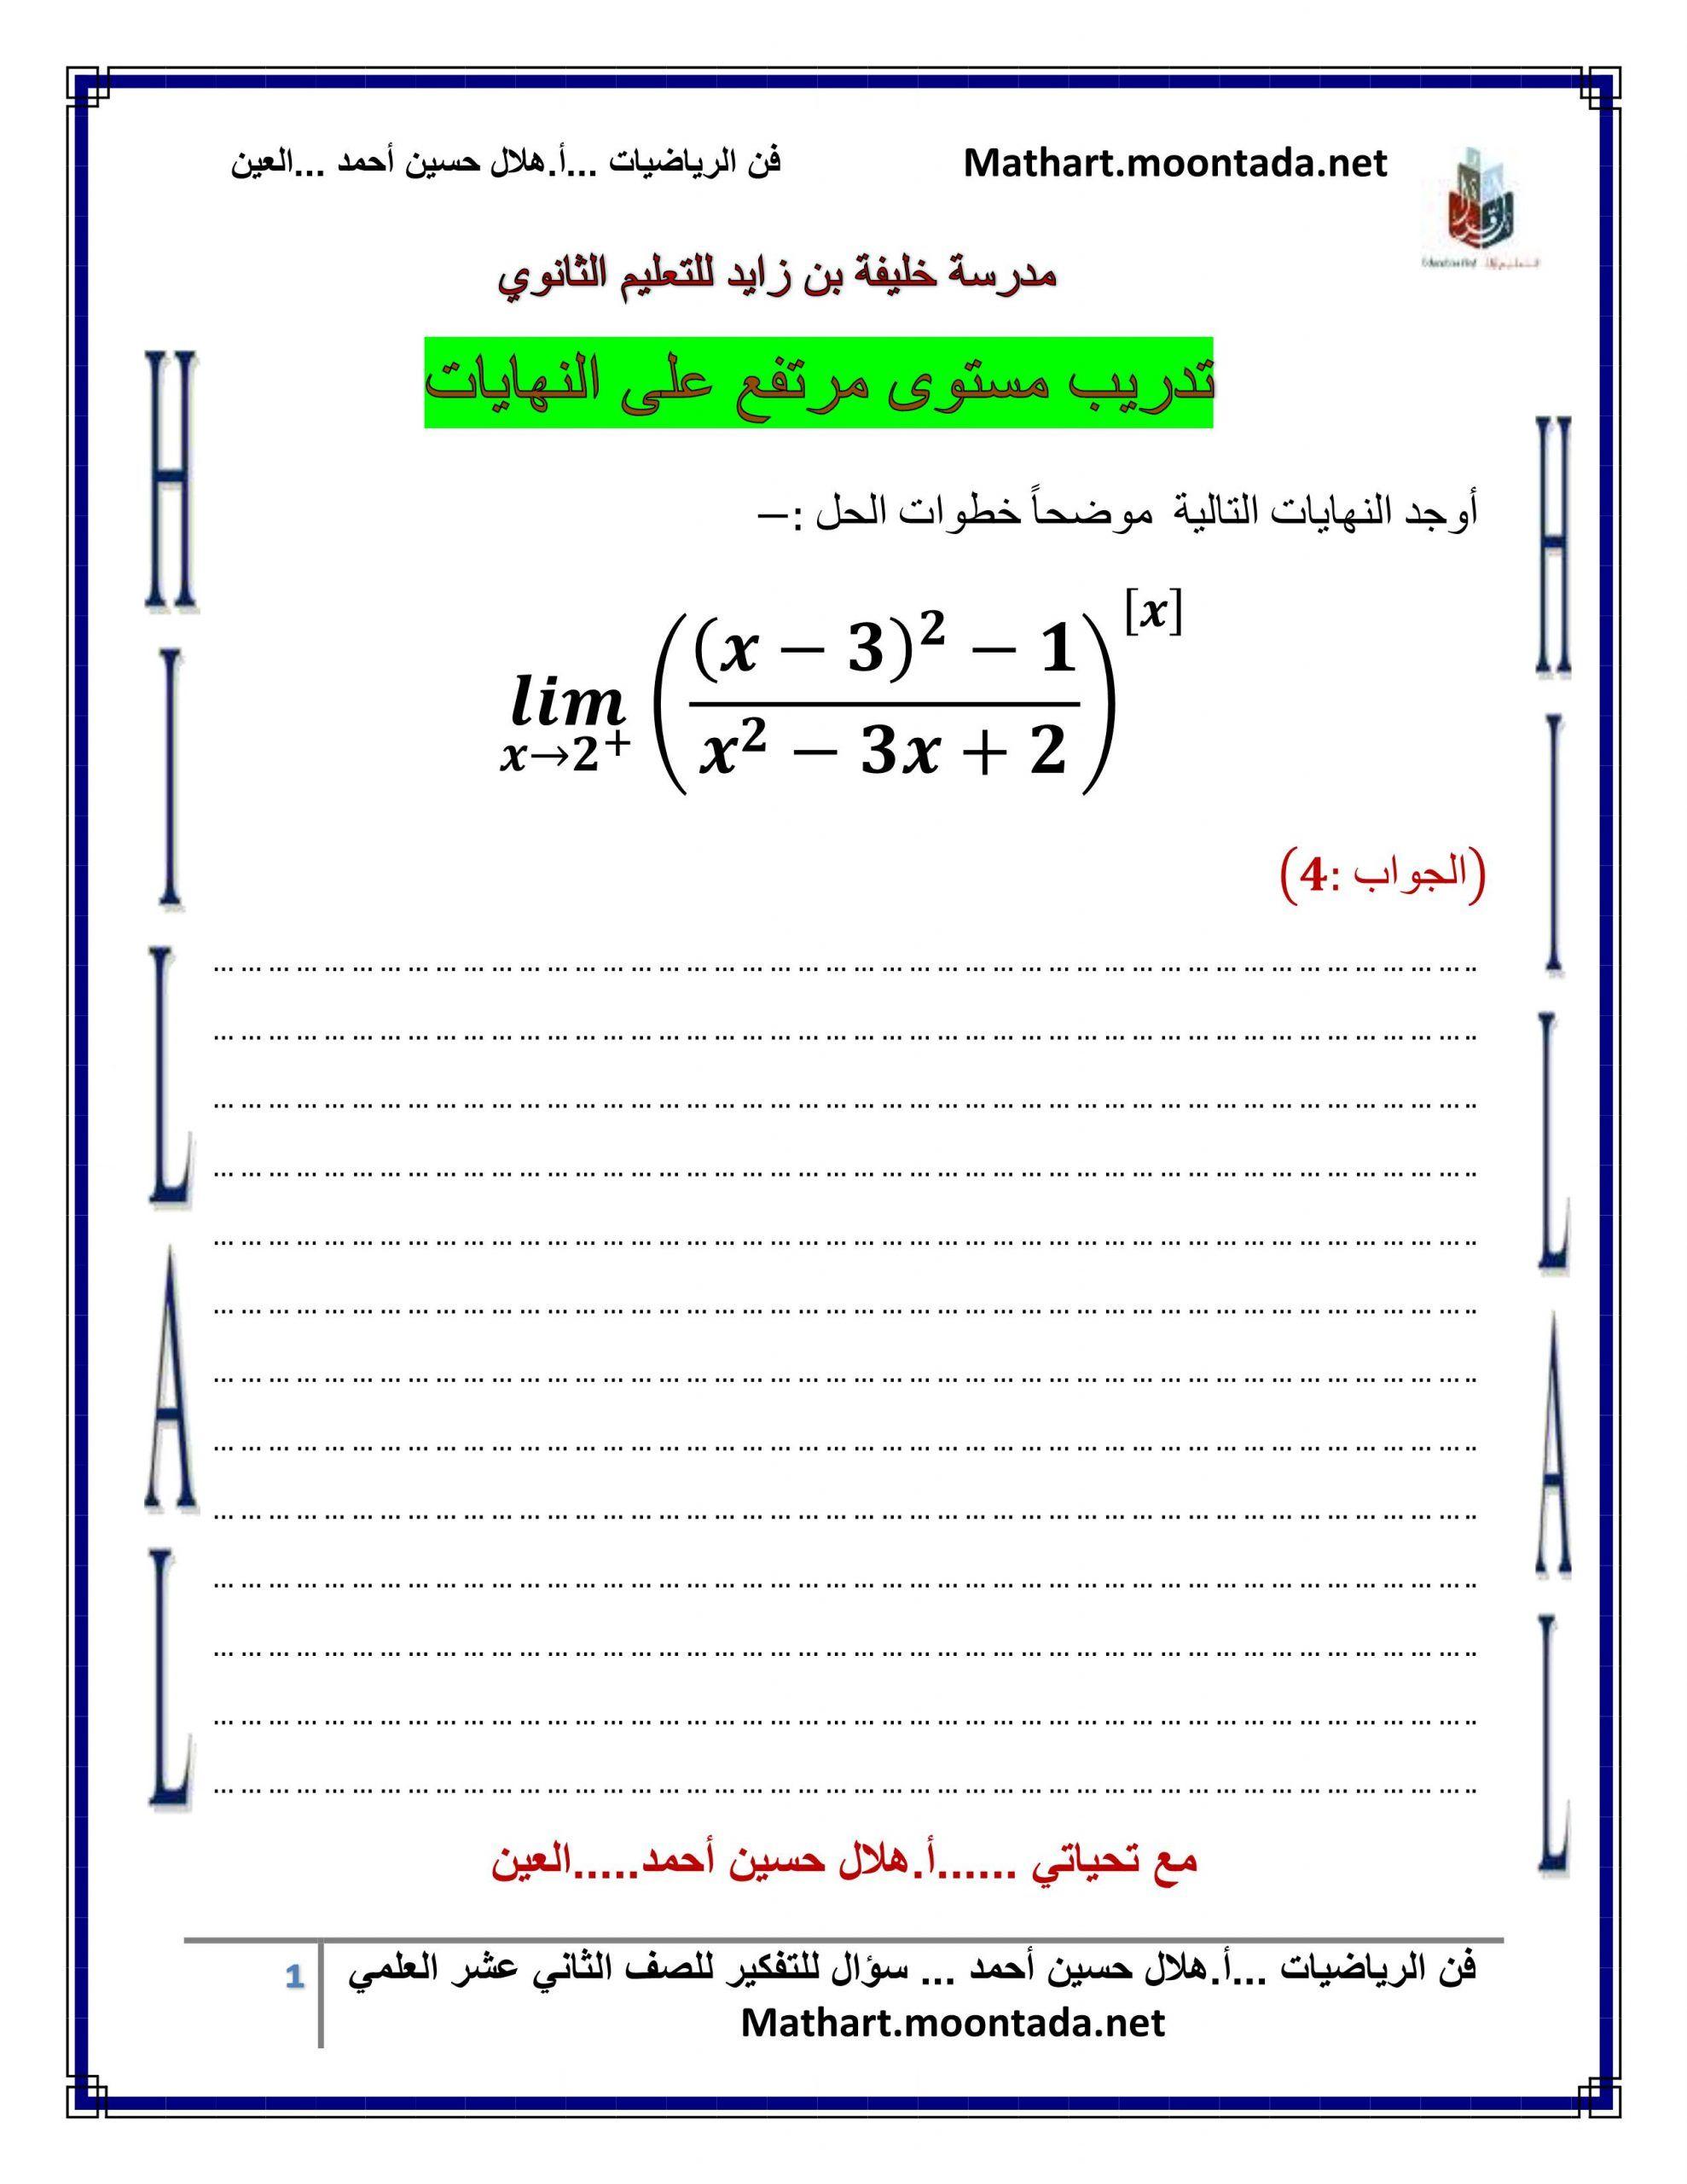 ورقة عمل درس النهايات للصف الثاني عشر متقدم مادة الرياضيات المتكاملة Bullet Journal Journal